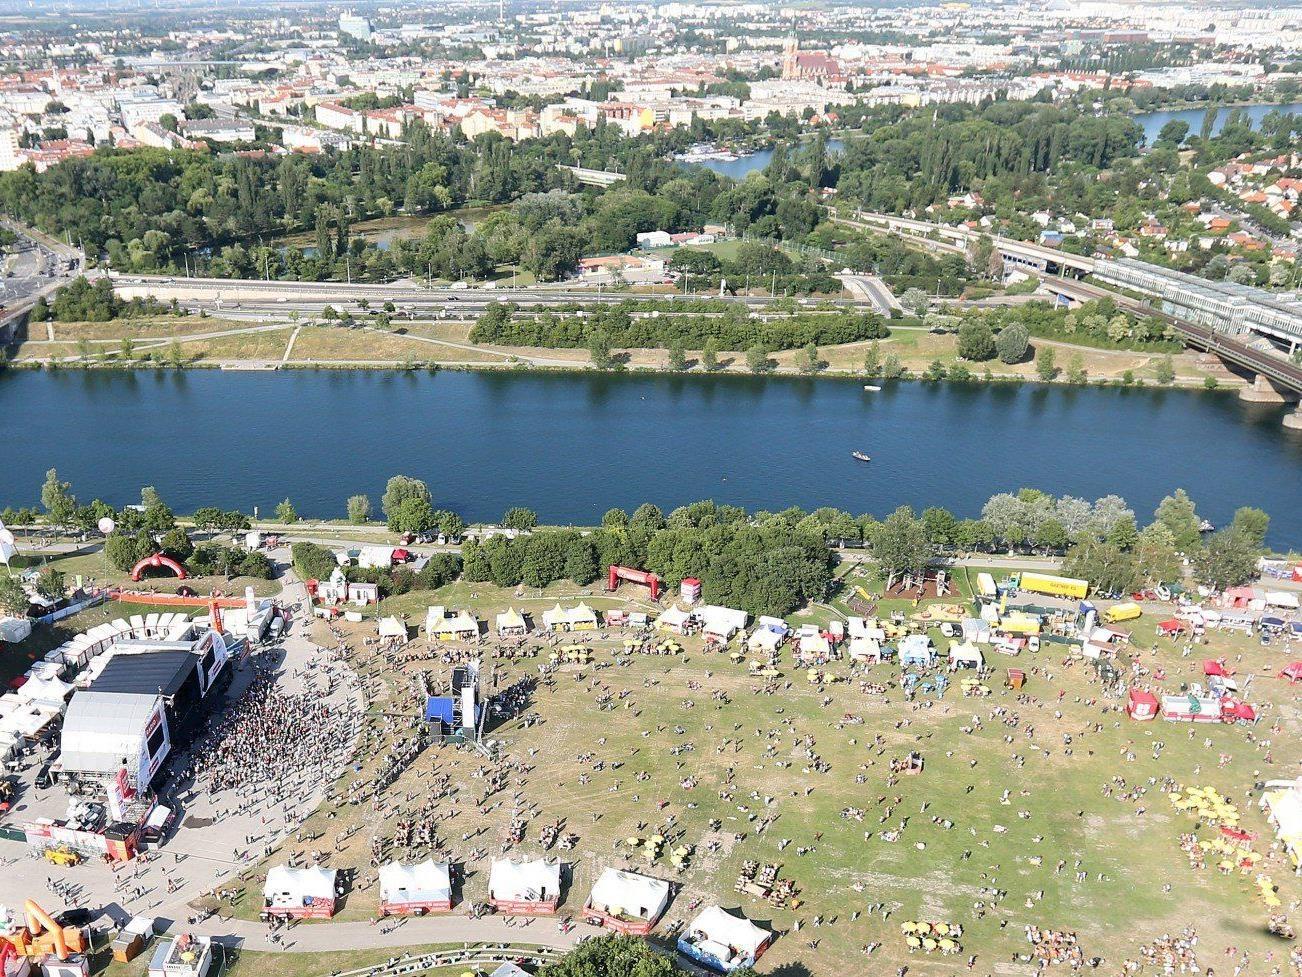 So wird das Wetter am kommenden Wochenende beim Wiener Donauinselfest 2013.